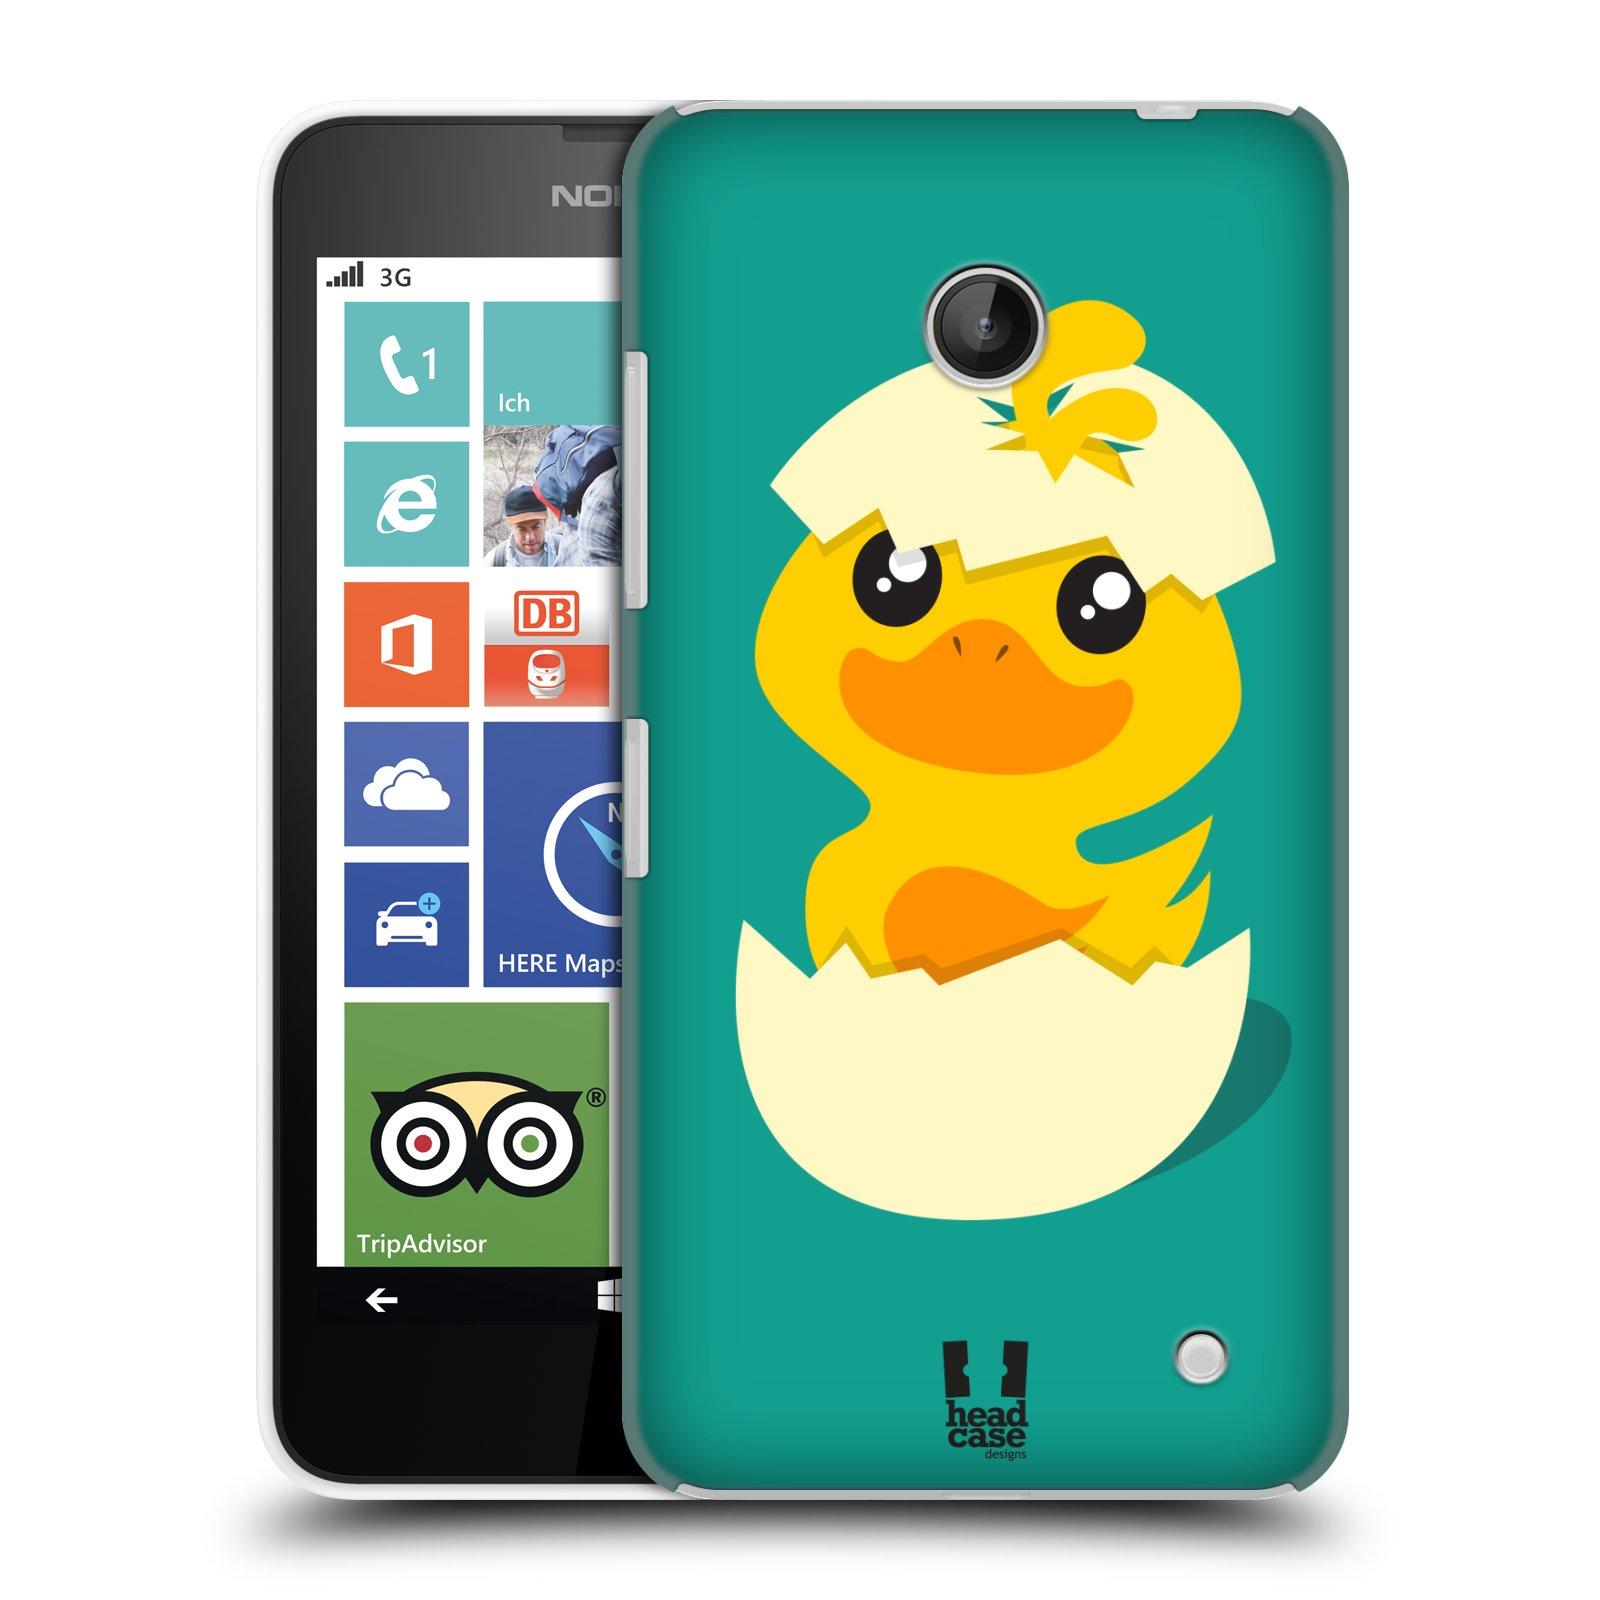 Plastové pouzdro na mobil Nokia Lumia 630 HEAD CASE KACHNIČKA Z VAJÍČKA (Kryt či obal na mobilní telefon Nokia Lumia 630 a Nokia Lumia 630 Dual SIM)